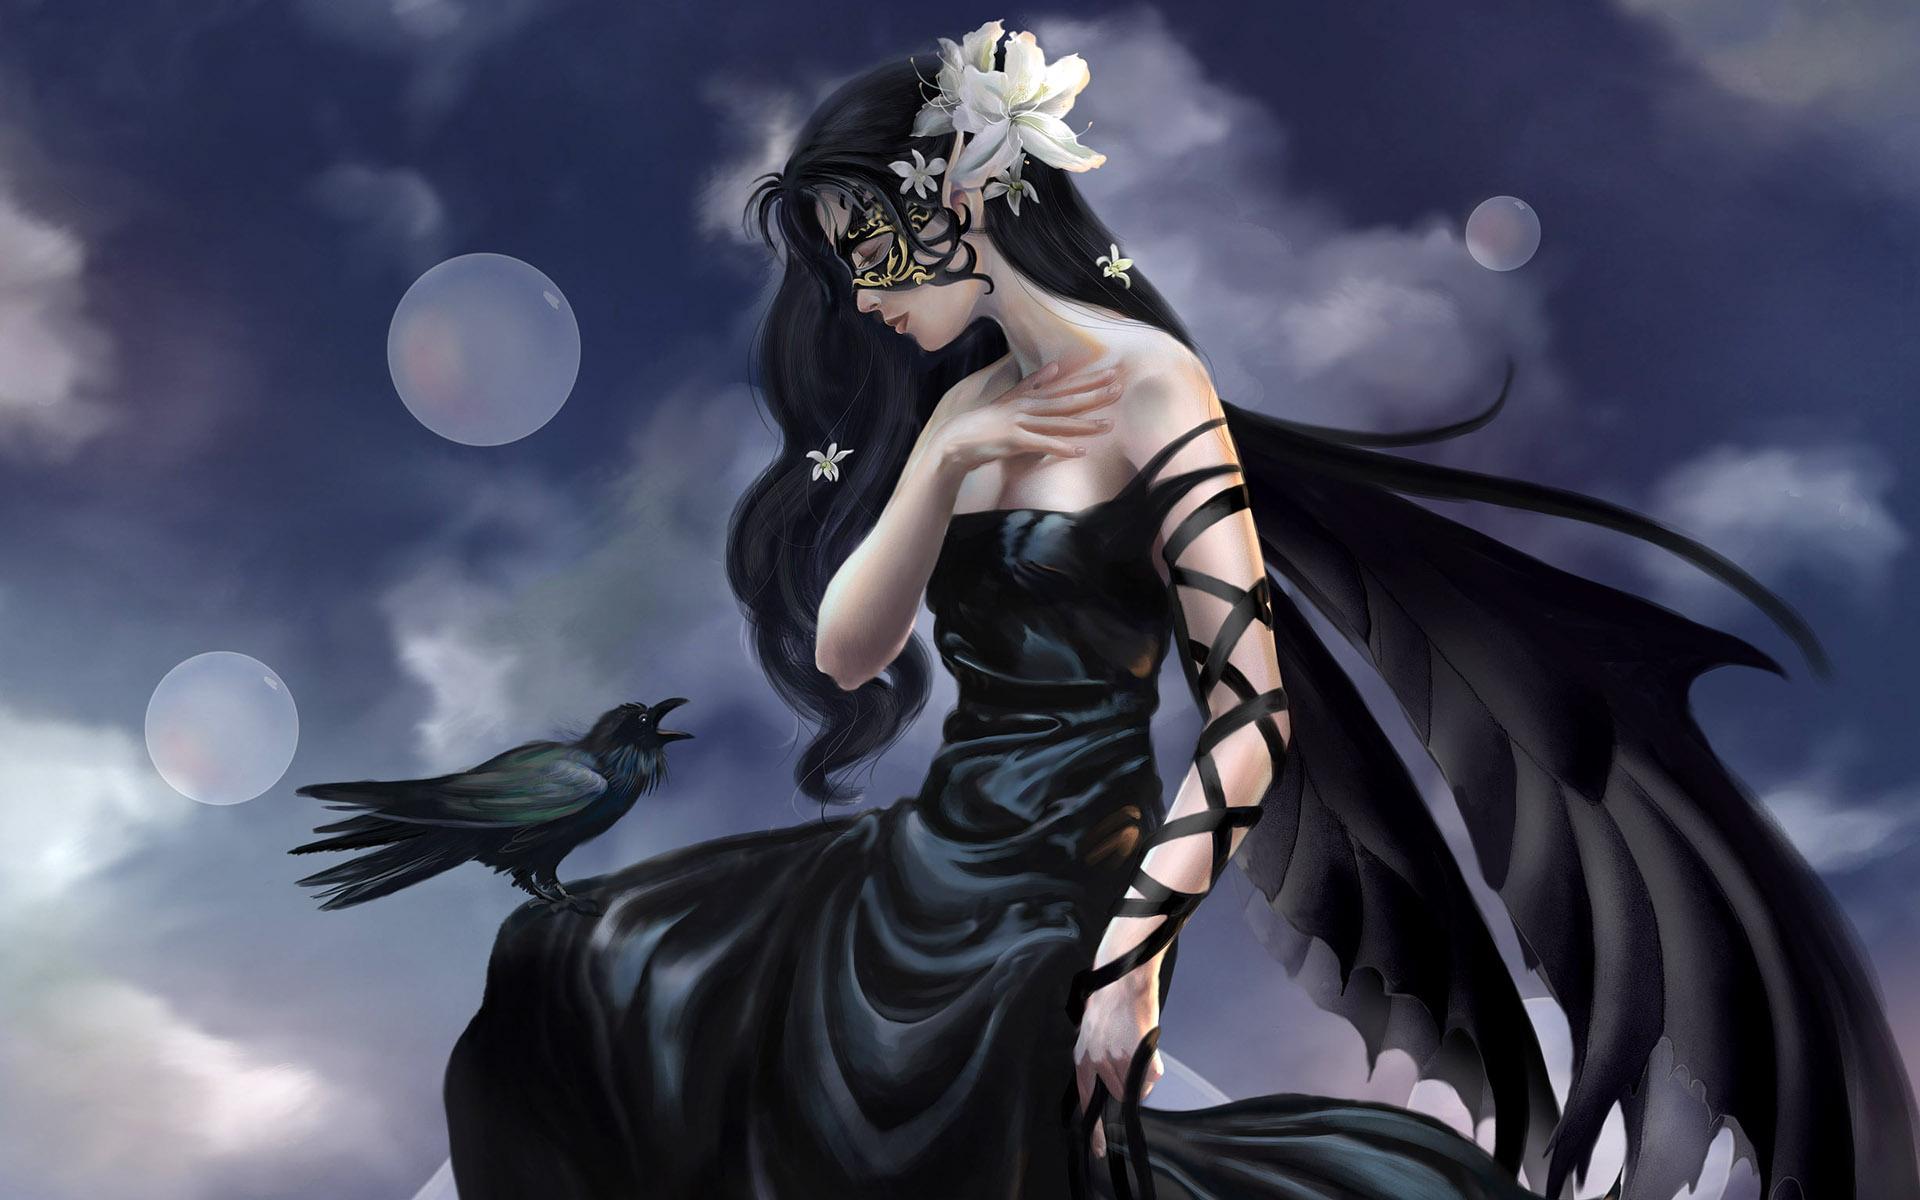 dark witch animals birds raven gothic women cg digital art wallpaper ...